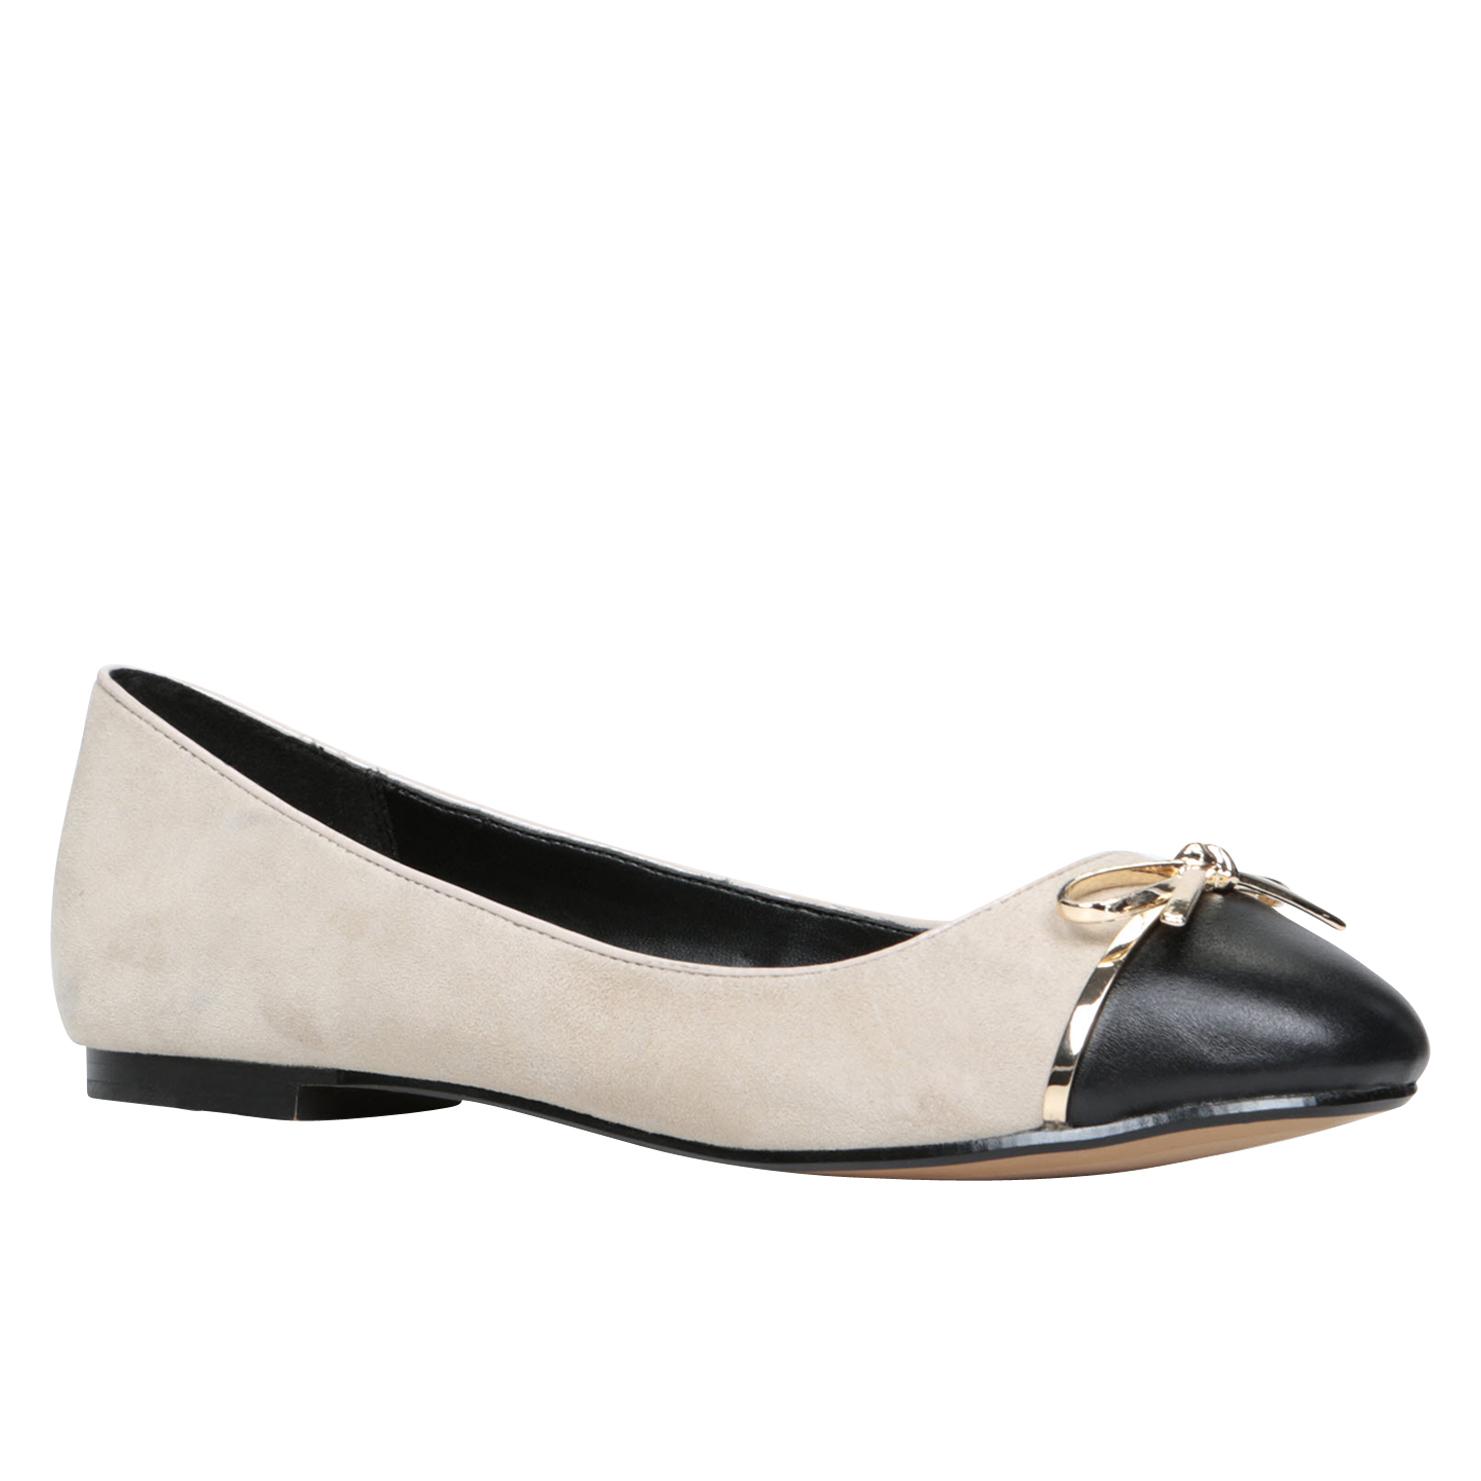 aldo shoes sale, designer shoe sale, best shoe sales, shoe sales, january sales, lovesales